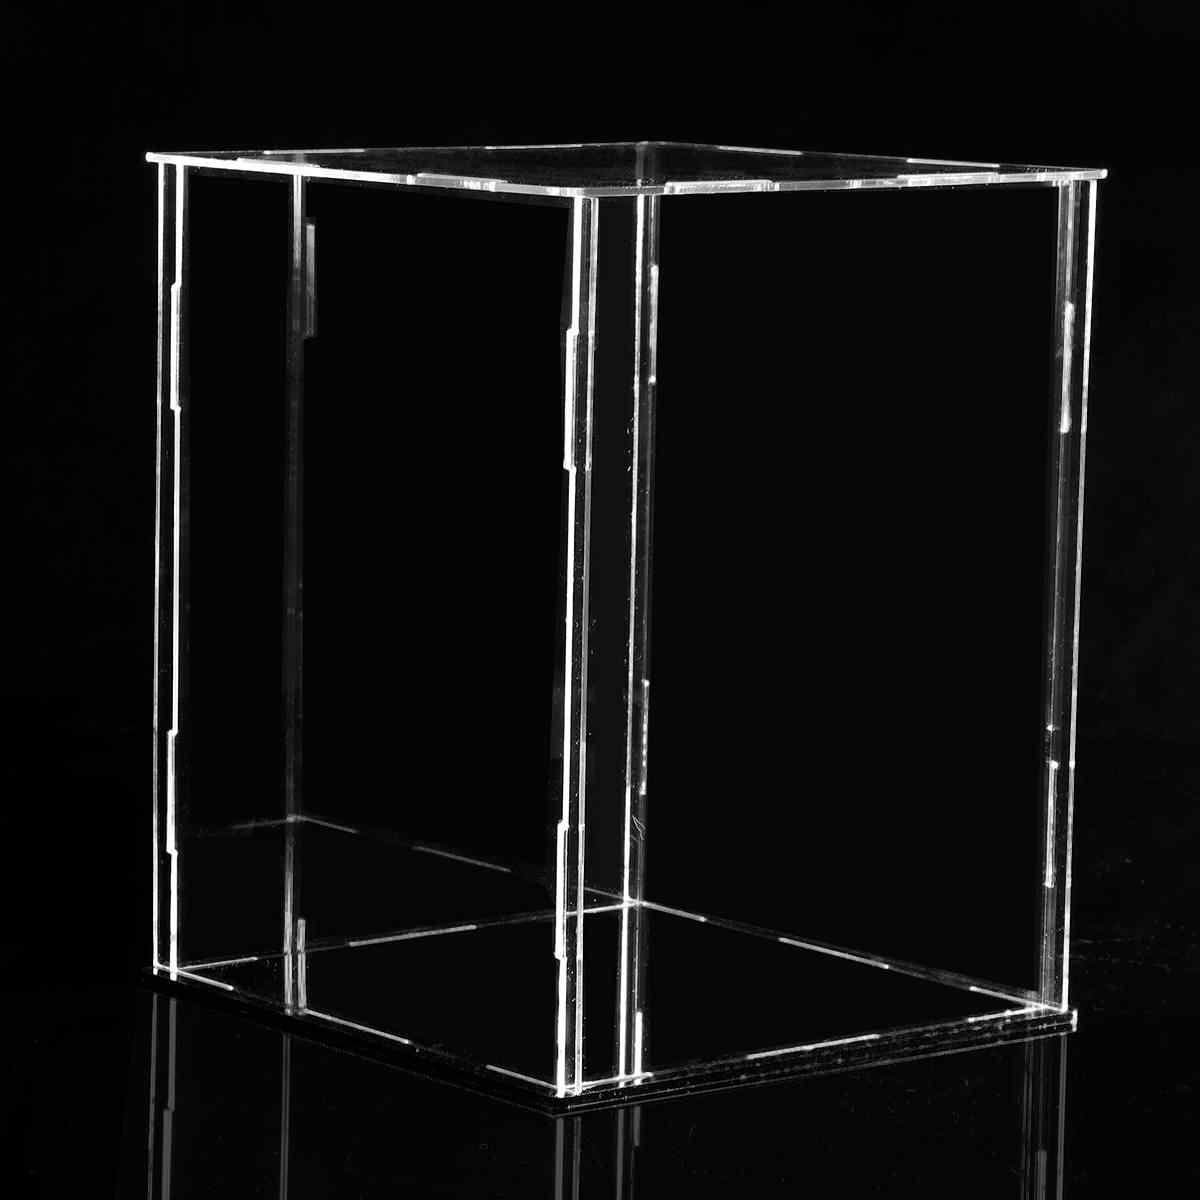 4 размера акриловый дисплей шоубокс чехол куб игрушка пыленепроницаемый лоток защита дисплей собранная Коробка Чехол для детские игрушки; конструктор